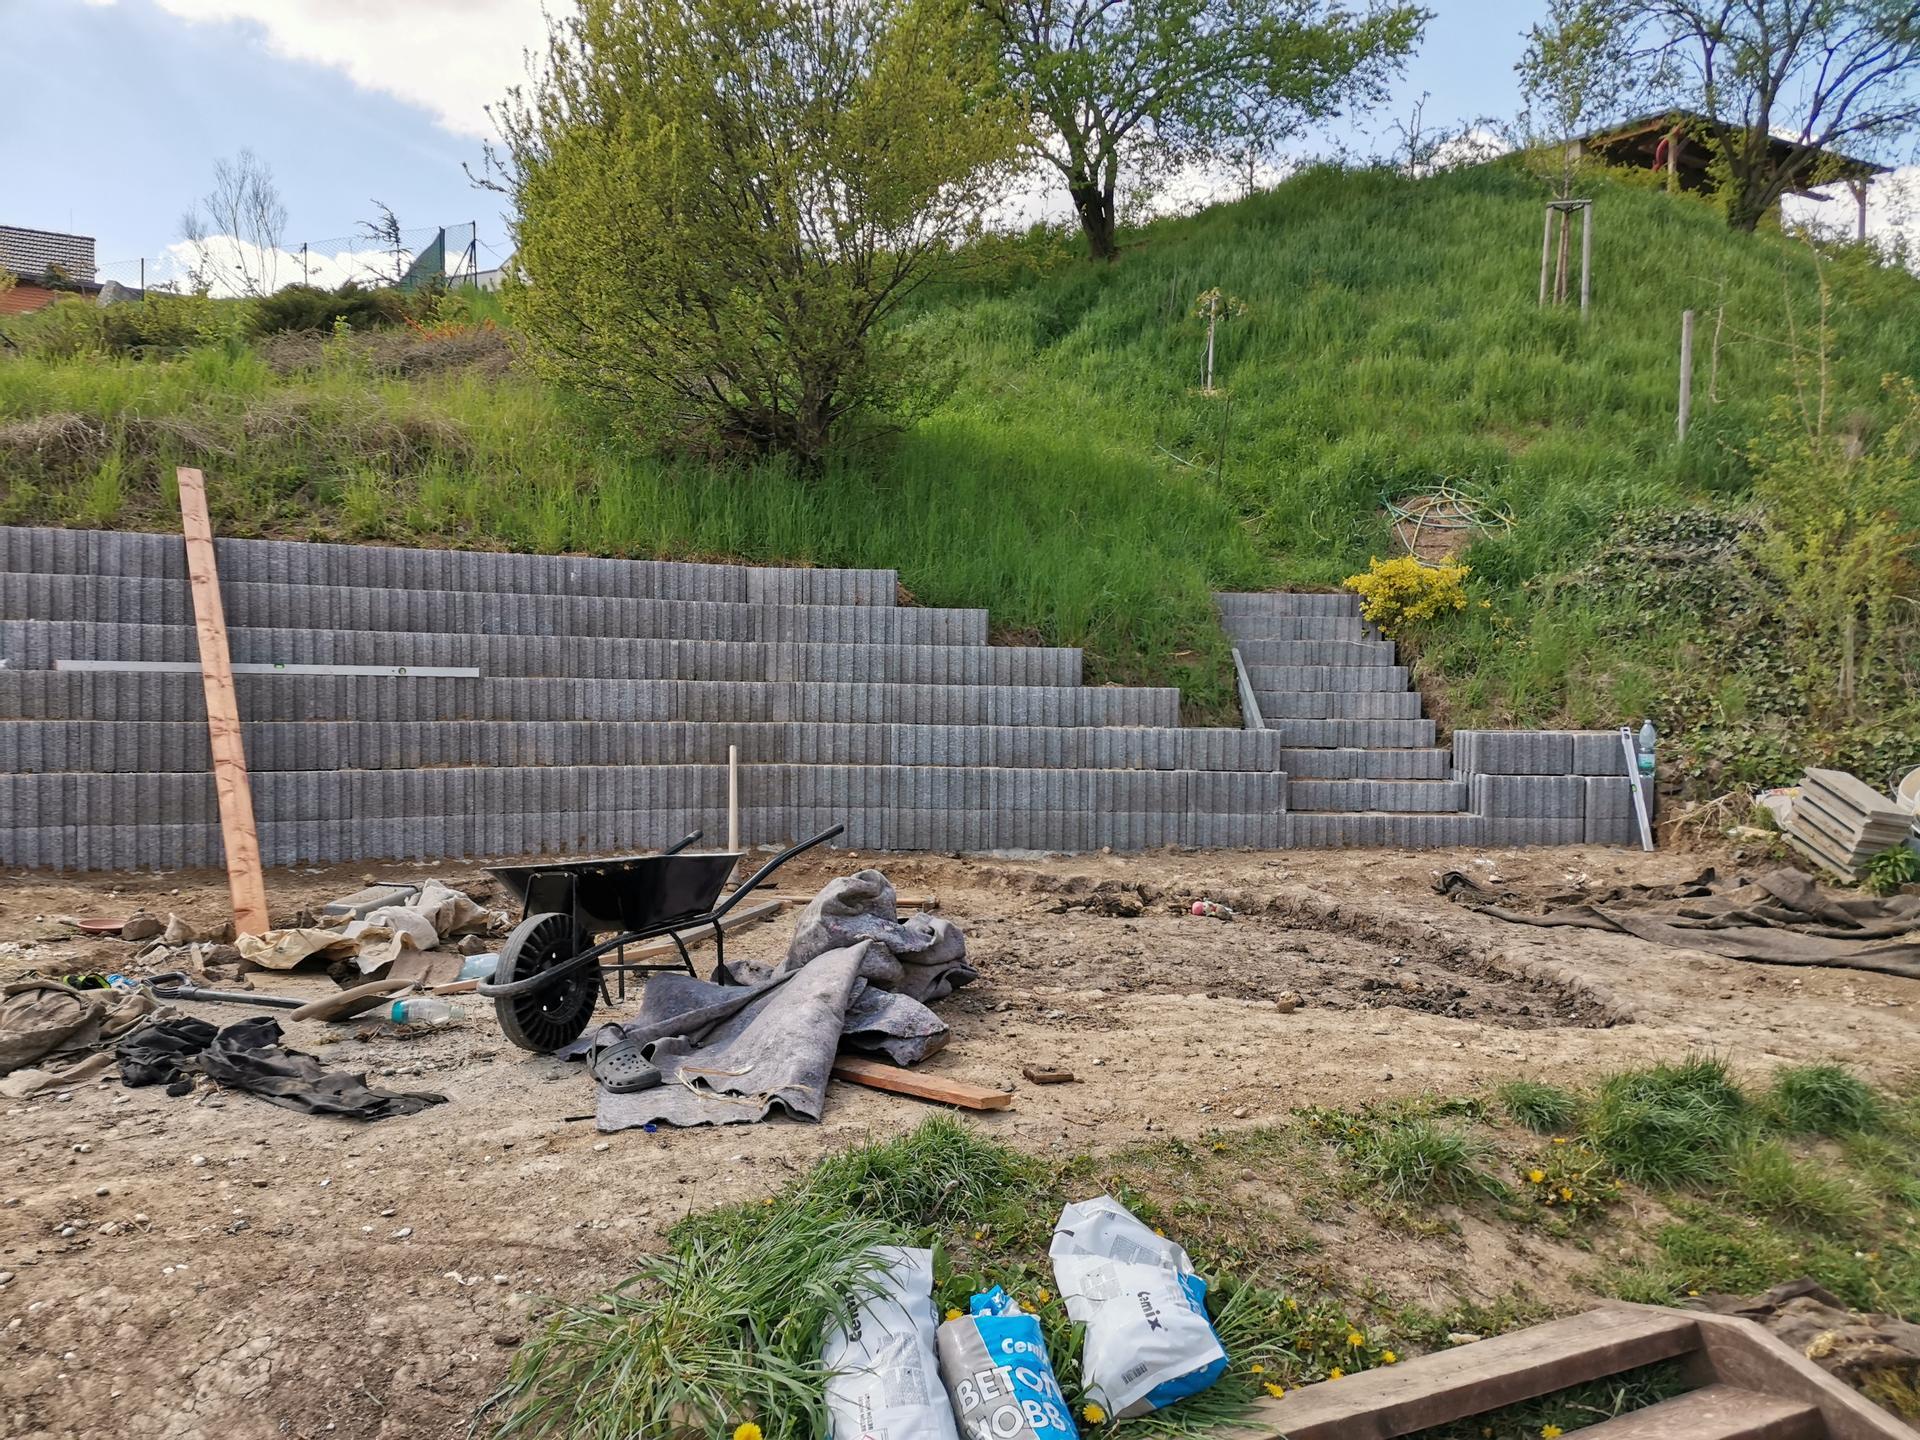 Akce bazén - Abych mohli postavit bazén, bylo nutné nejprve postavit zeď :), překvapivo šlo to rychle